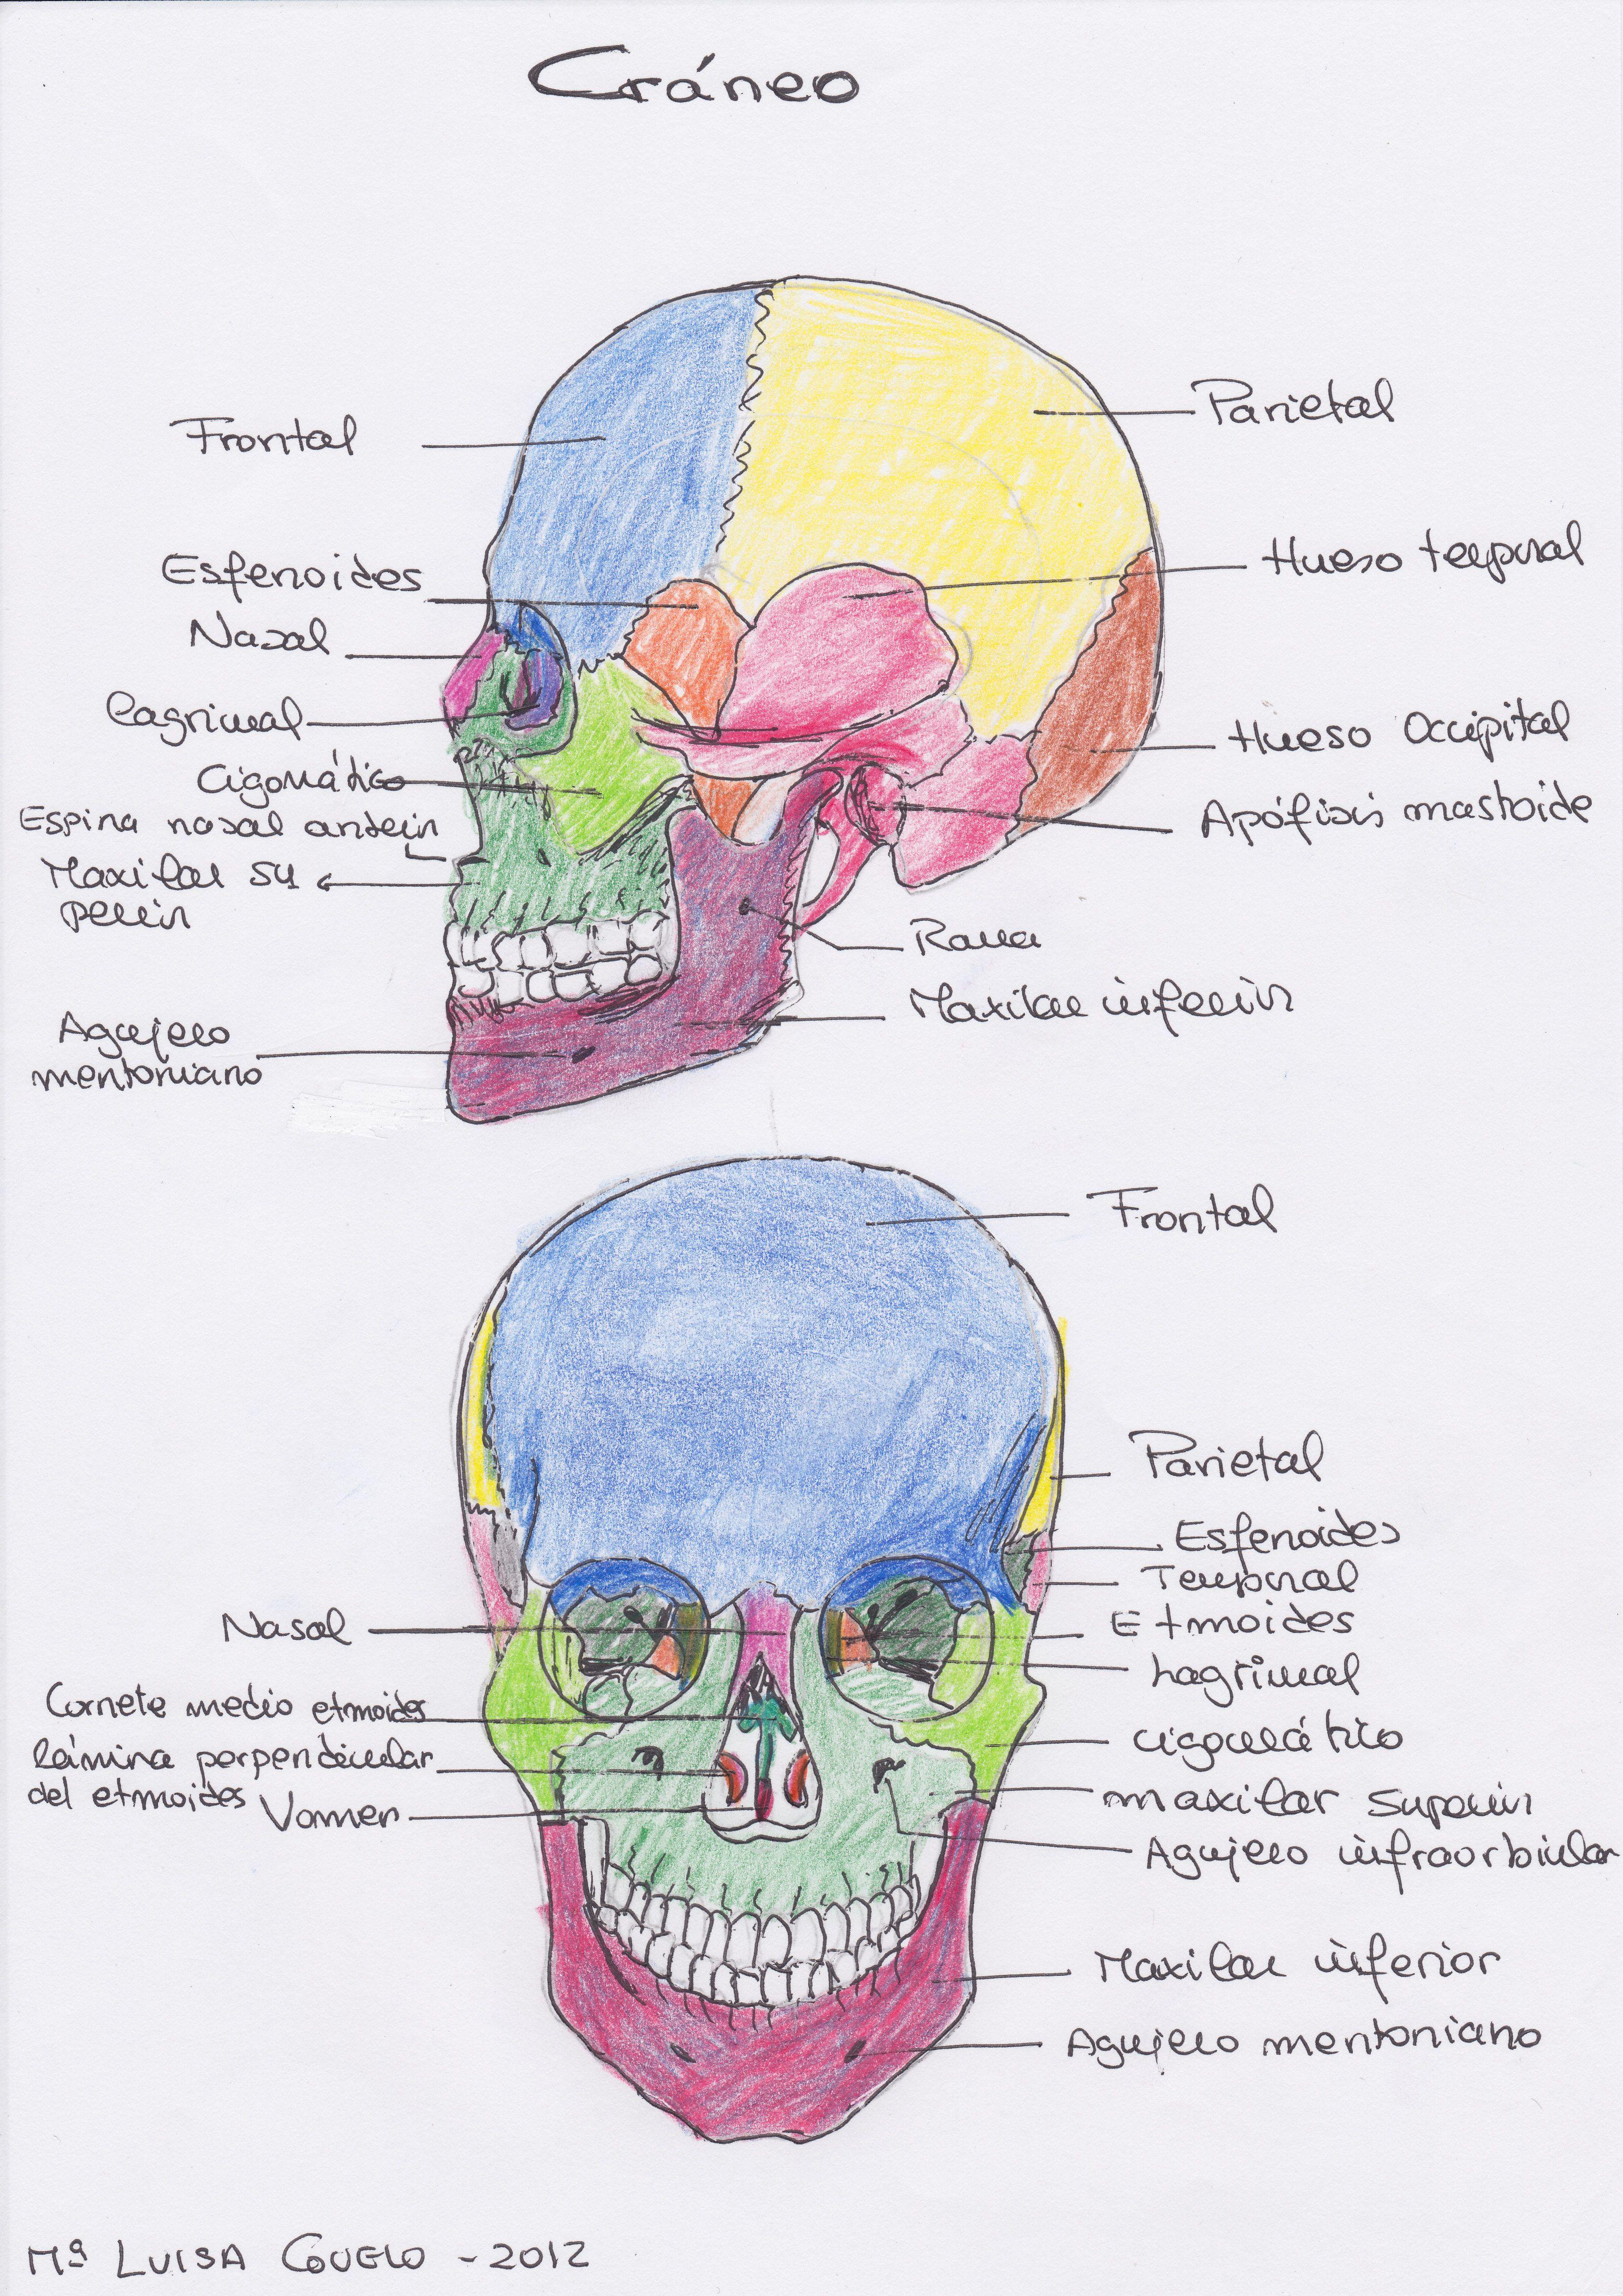 Craneo | Humana Anatomia | Pinterest | Anatomía, Apuntes y Fisiología